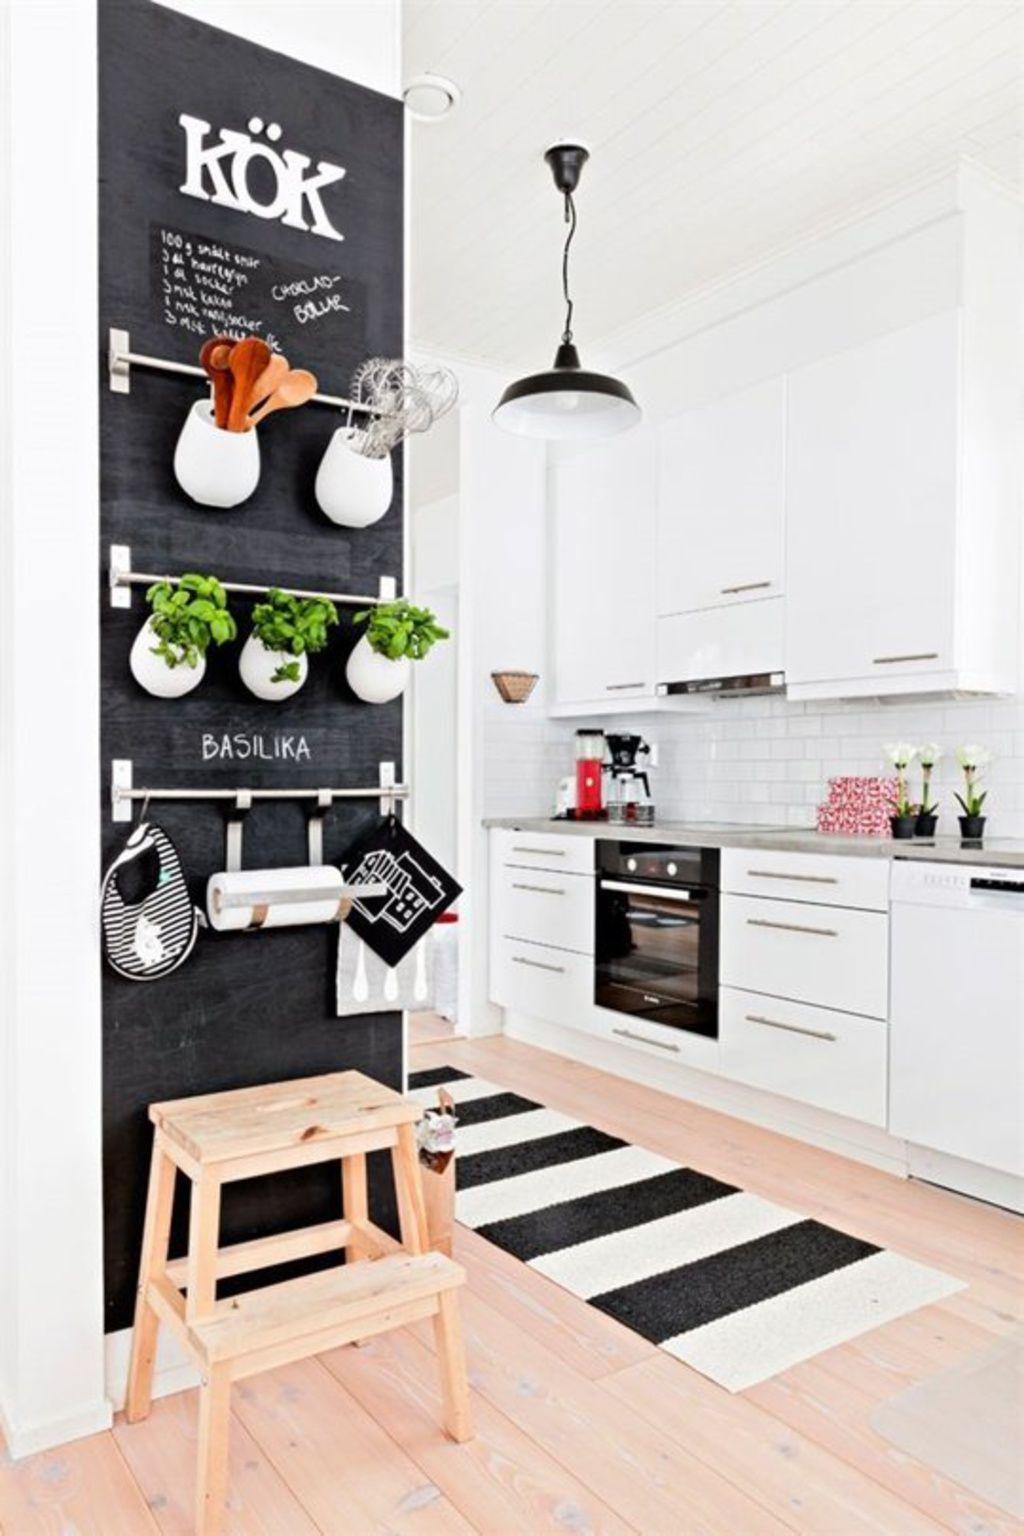 elle inspire une cuisine elegante et permet de s exprimer a l infini